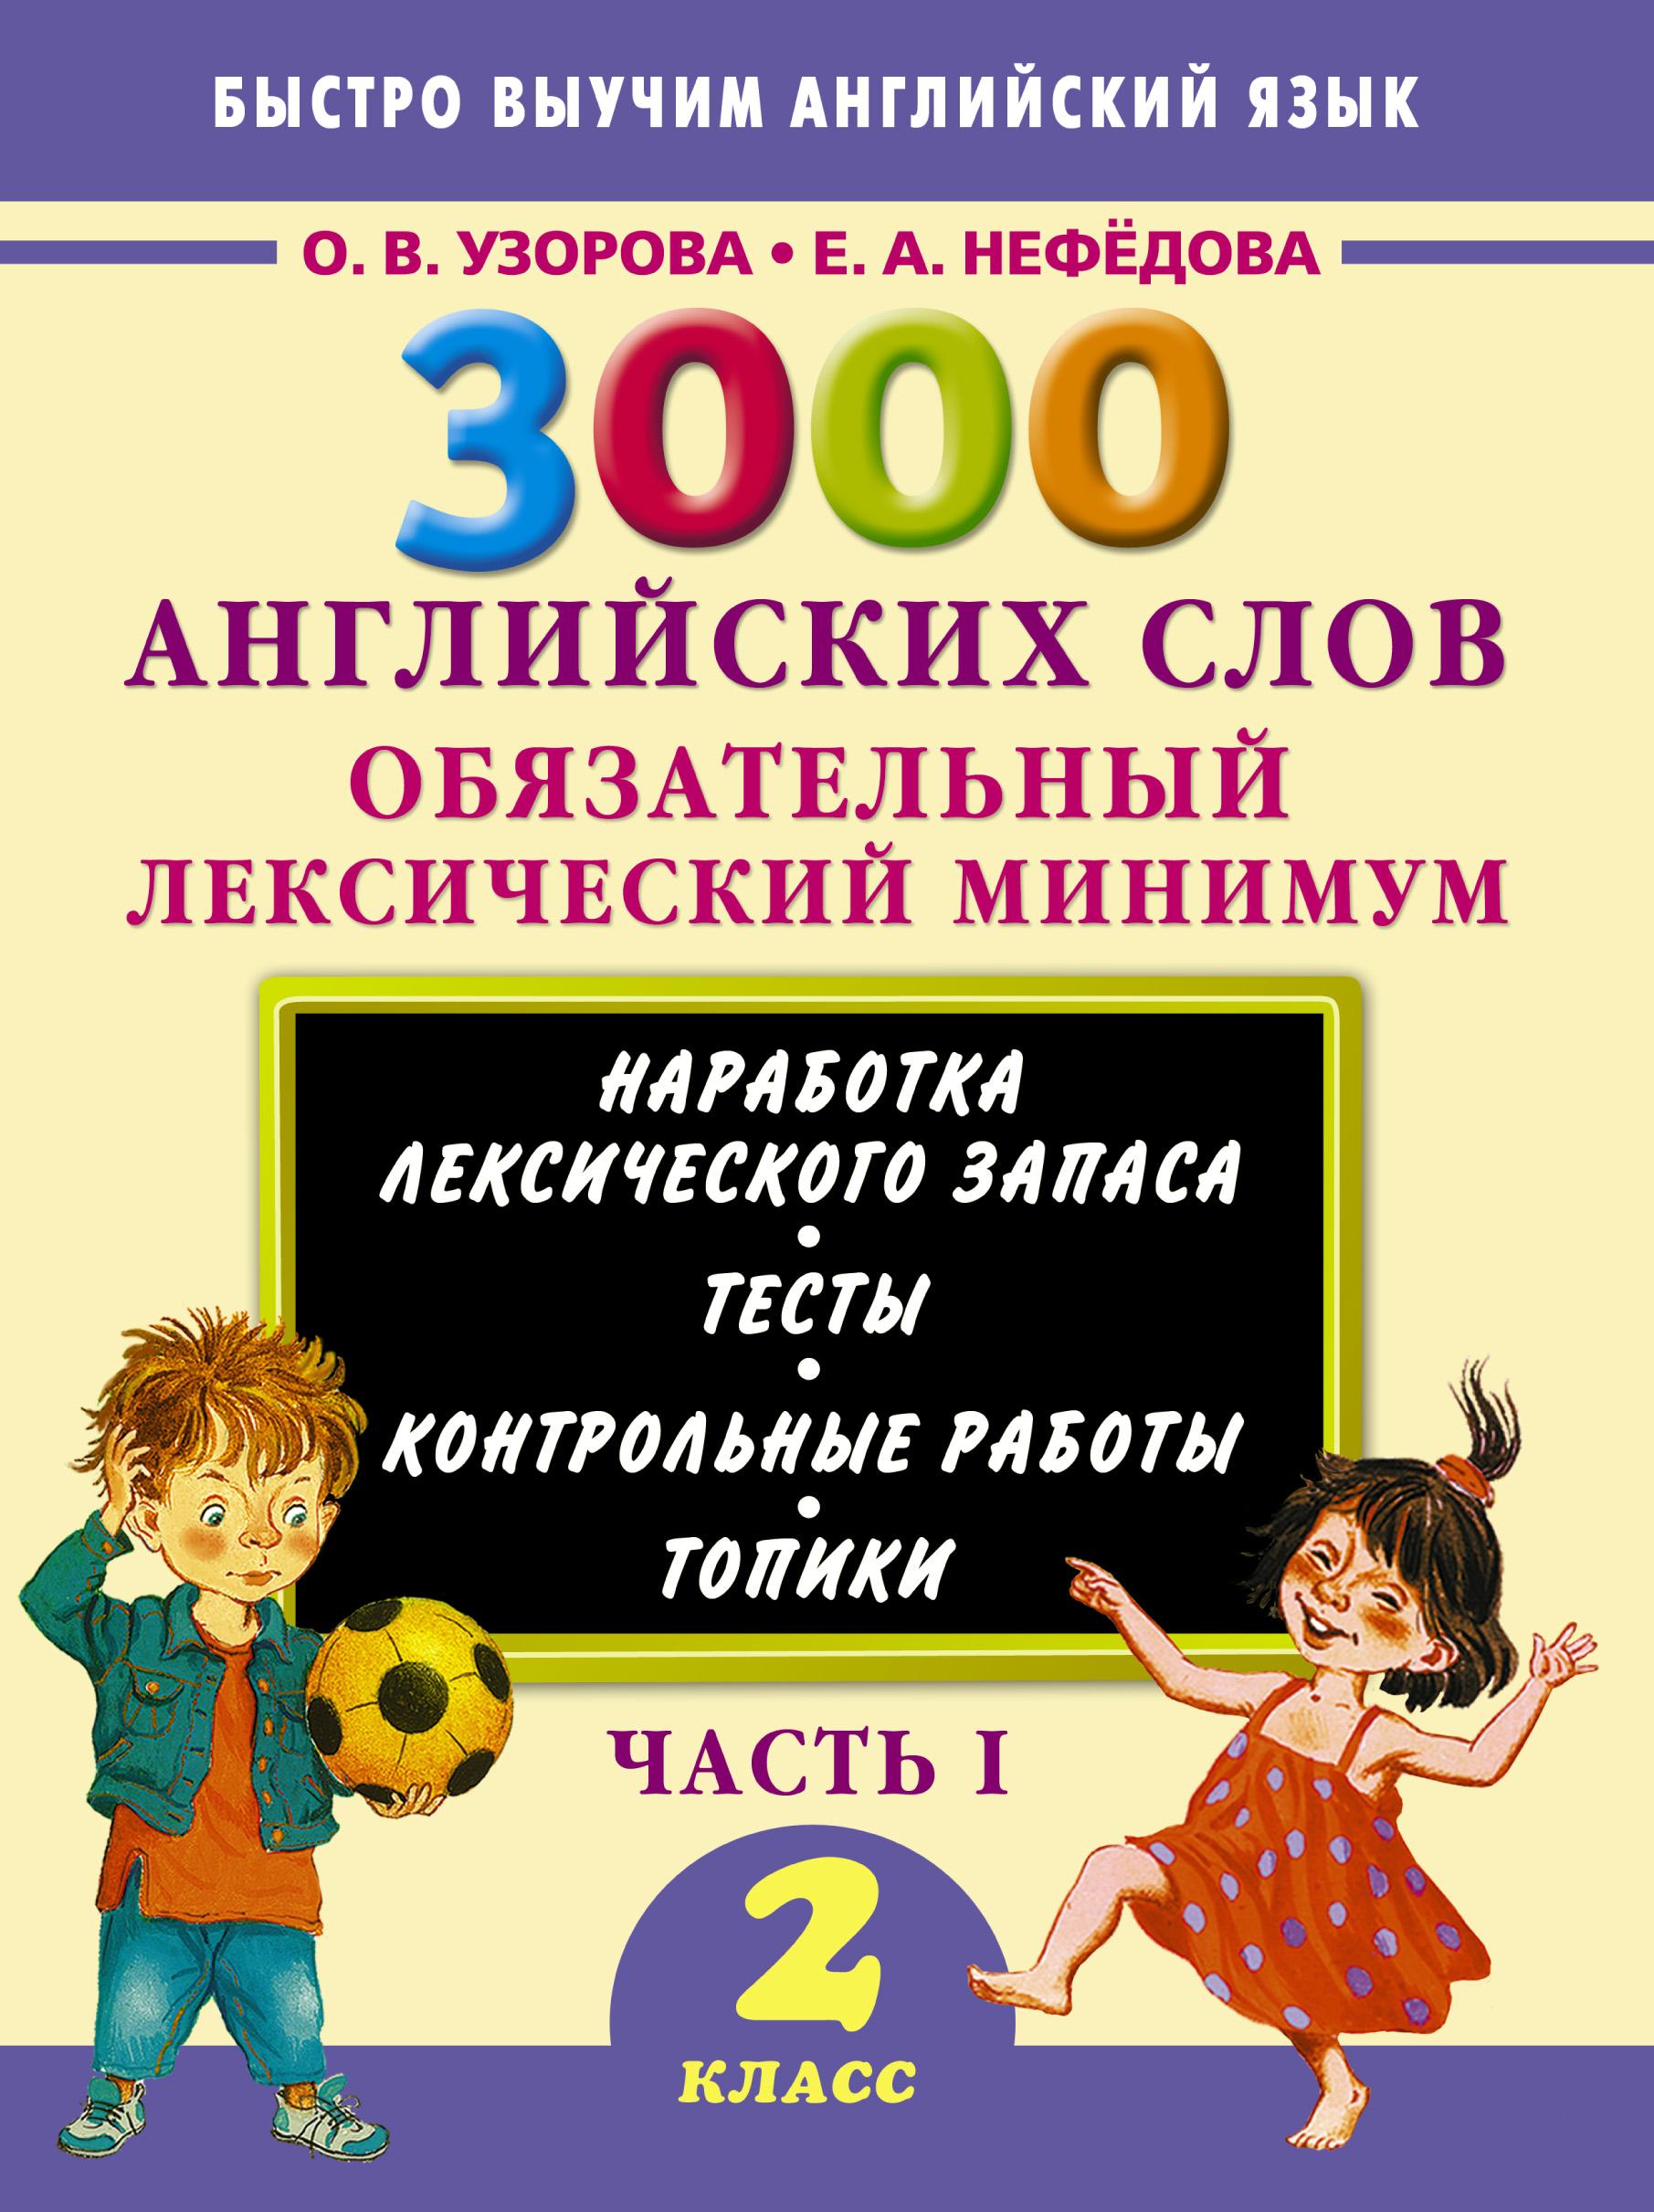 3000 английских слов. Обязательный лексический минимум. 2 класс. 1 часть ( Узорова О.В.  )